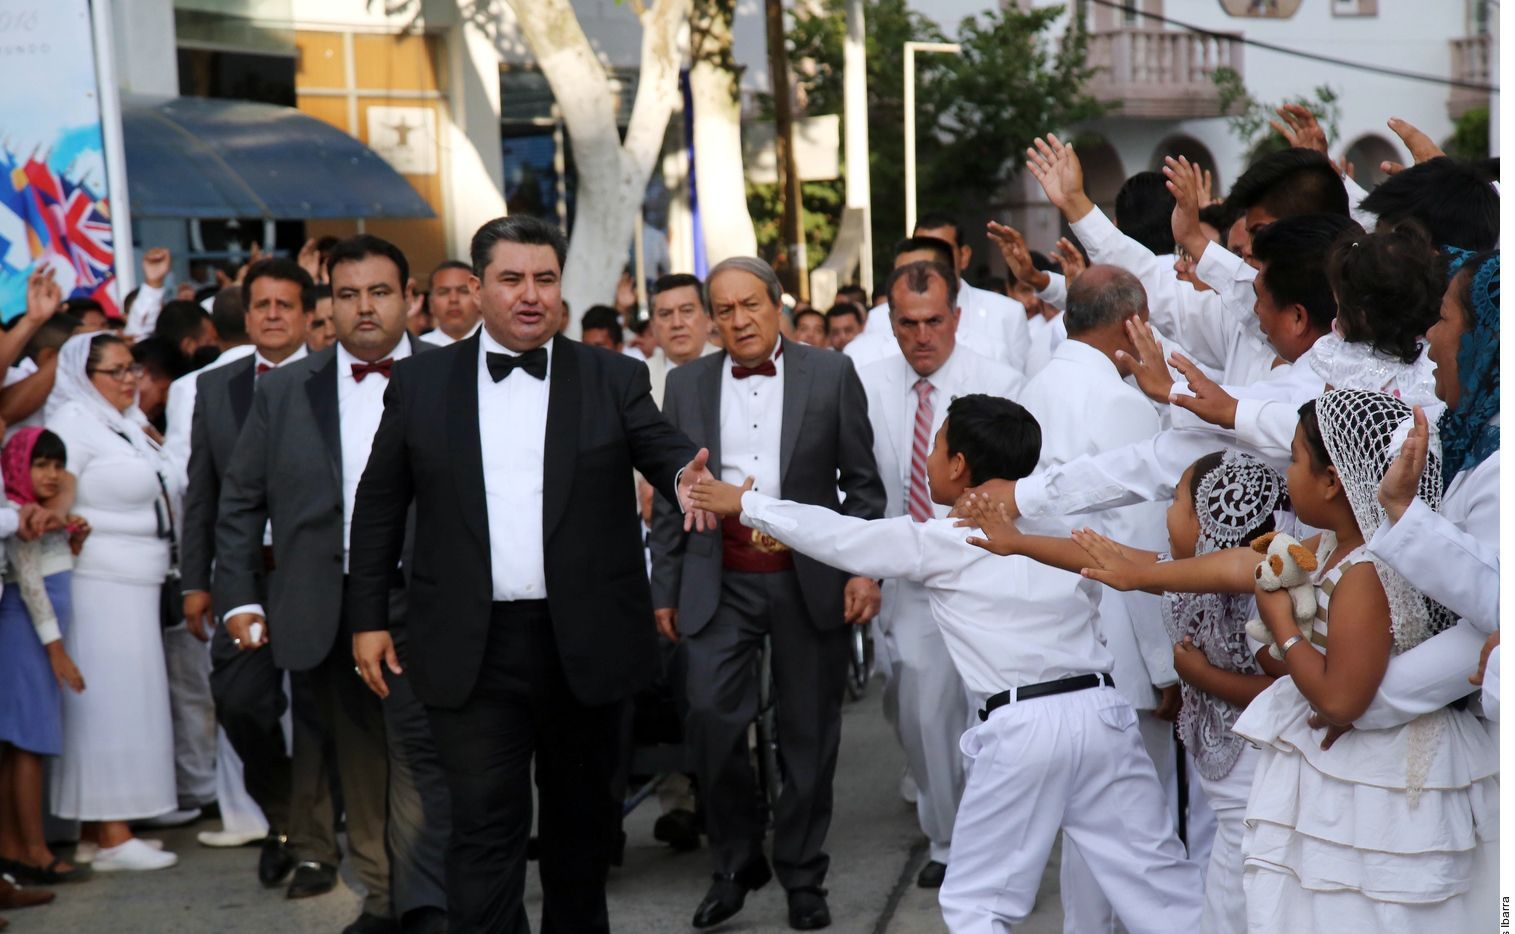 Naasón Joaquín García, el líder de la Iglesia La Luz del Mundo, fue detenido por caso de tráfico sexual en EU, informó Fiscalía de California.